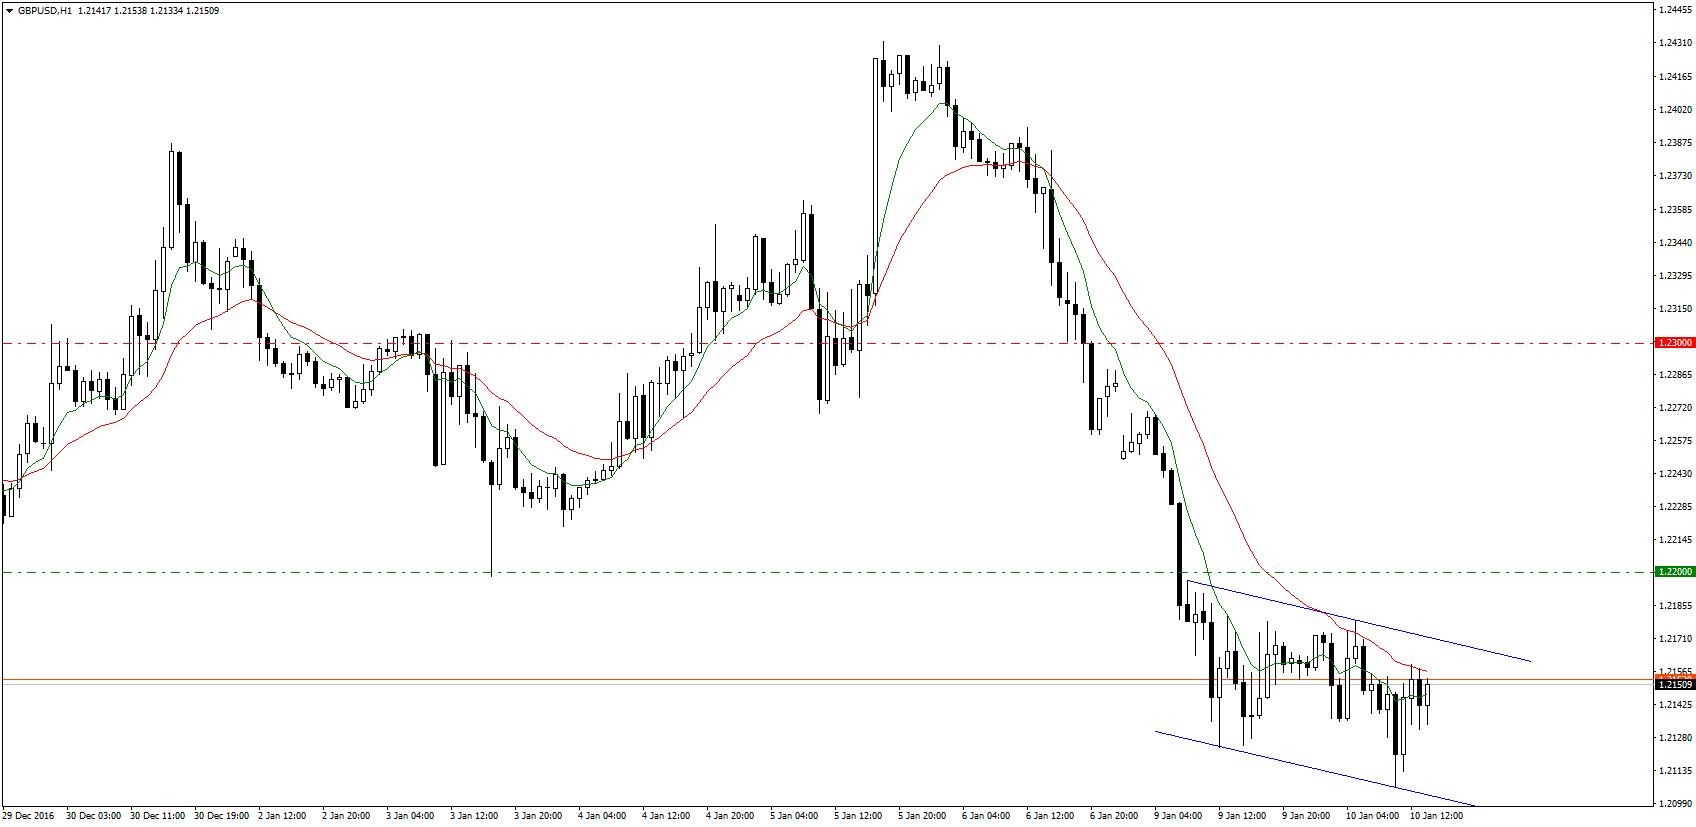 GBP/USD w dość szerokim kanale spadkowym. Mimo to, analitycy Citi rekomendują shorty dopiero z poziomu 1,2200. Stosunek zysku do ryzyka proponowanej pozycji wynosi 2:1